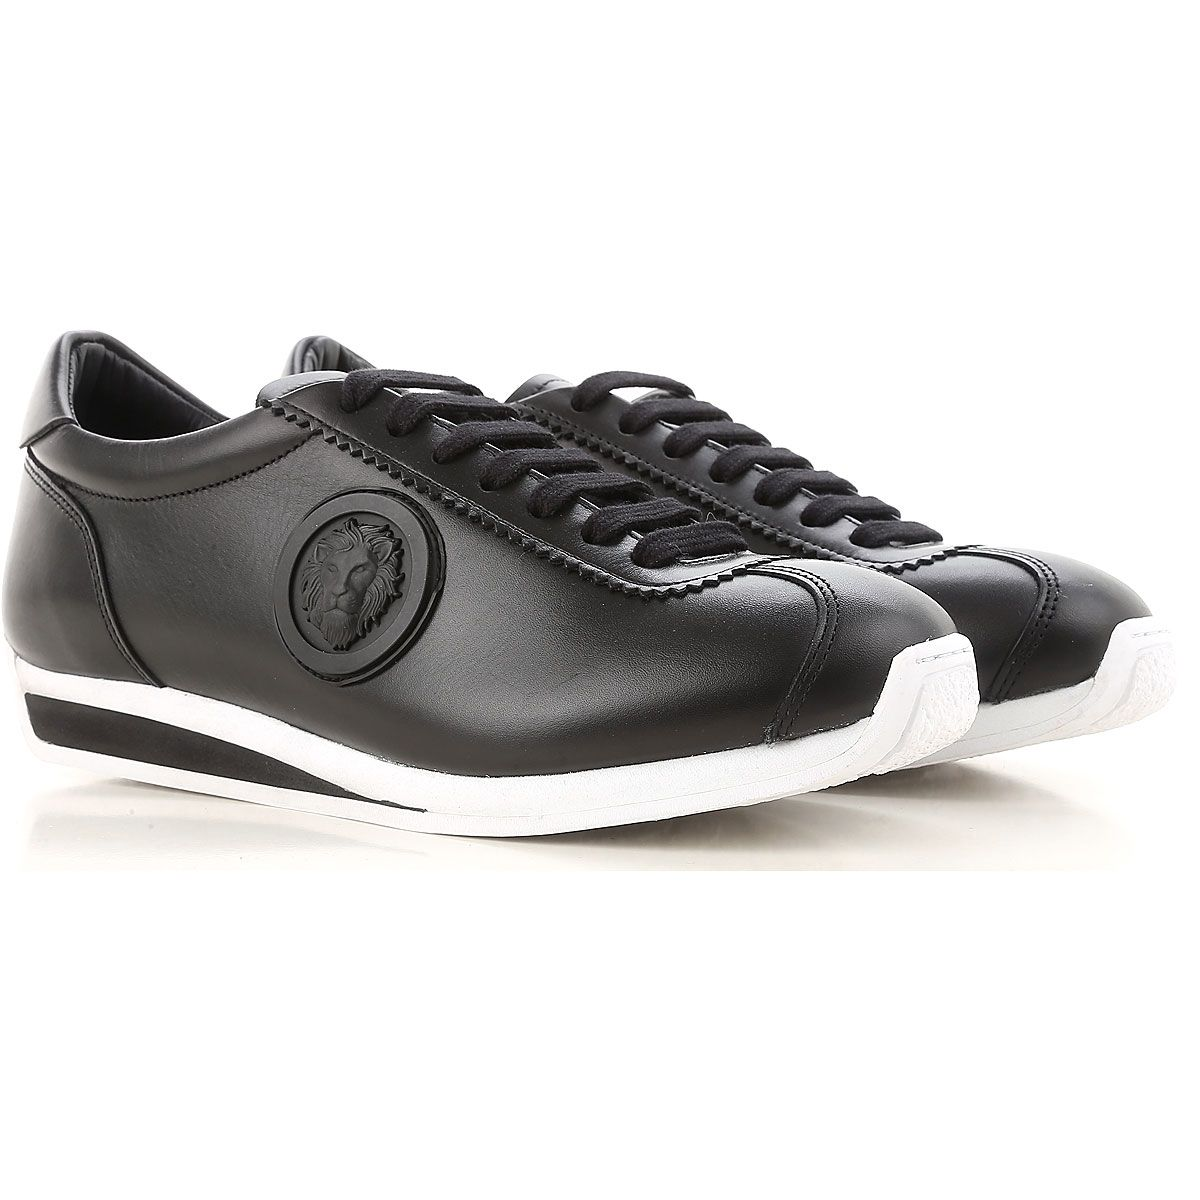 e1540d8a286 Boutique de Chaussures Versace pour Homme. Chaussures de Sport ...